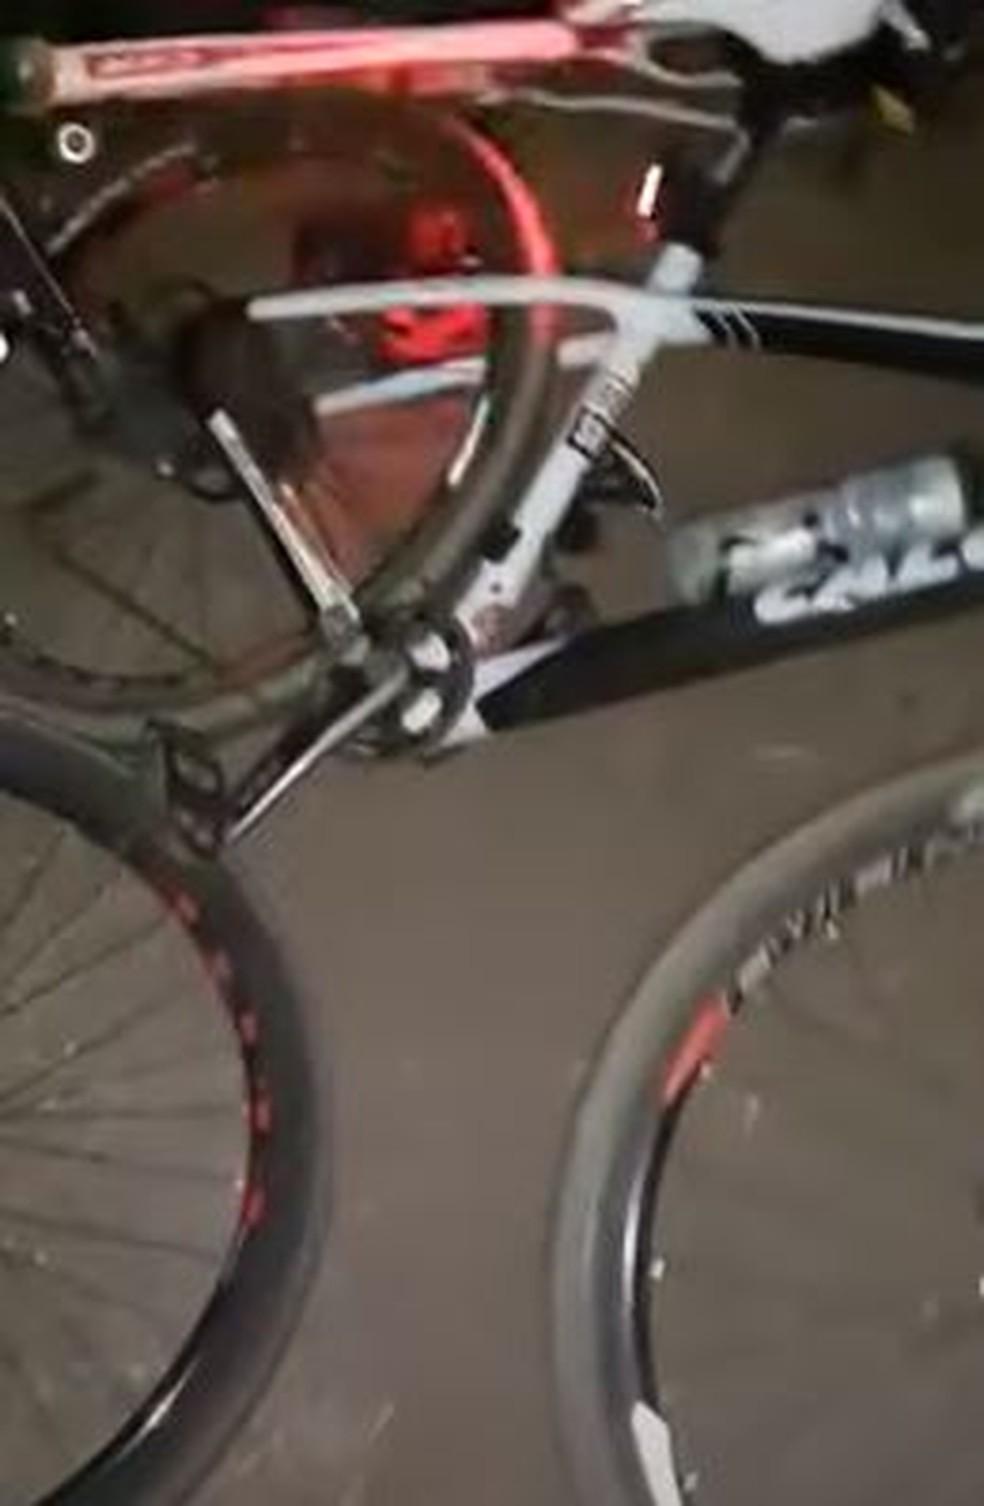 Imagens mostram as bicicletas danificadas após o acidente — Foto: Reprodução